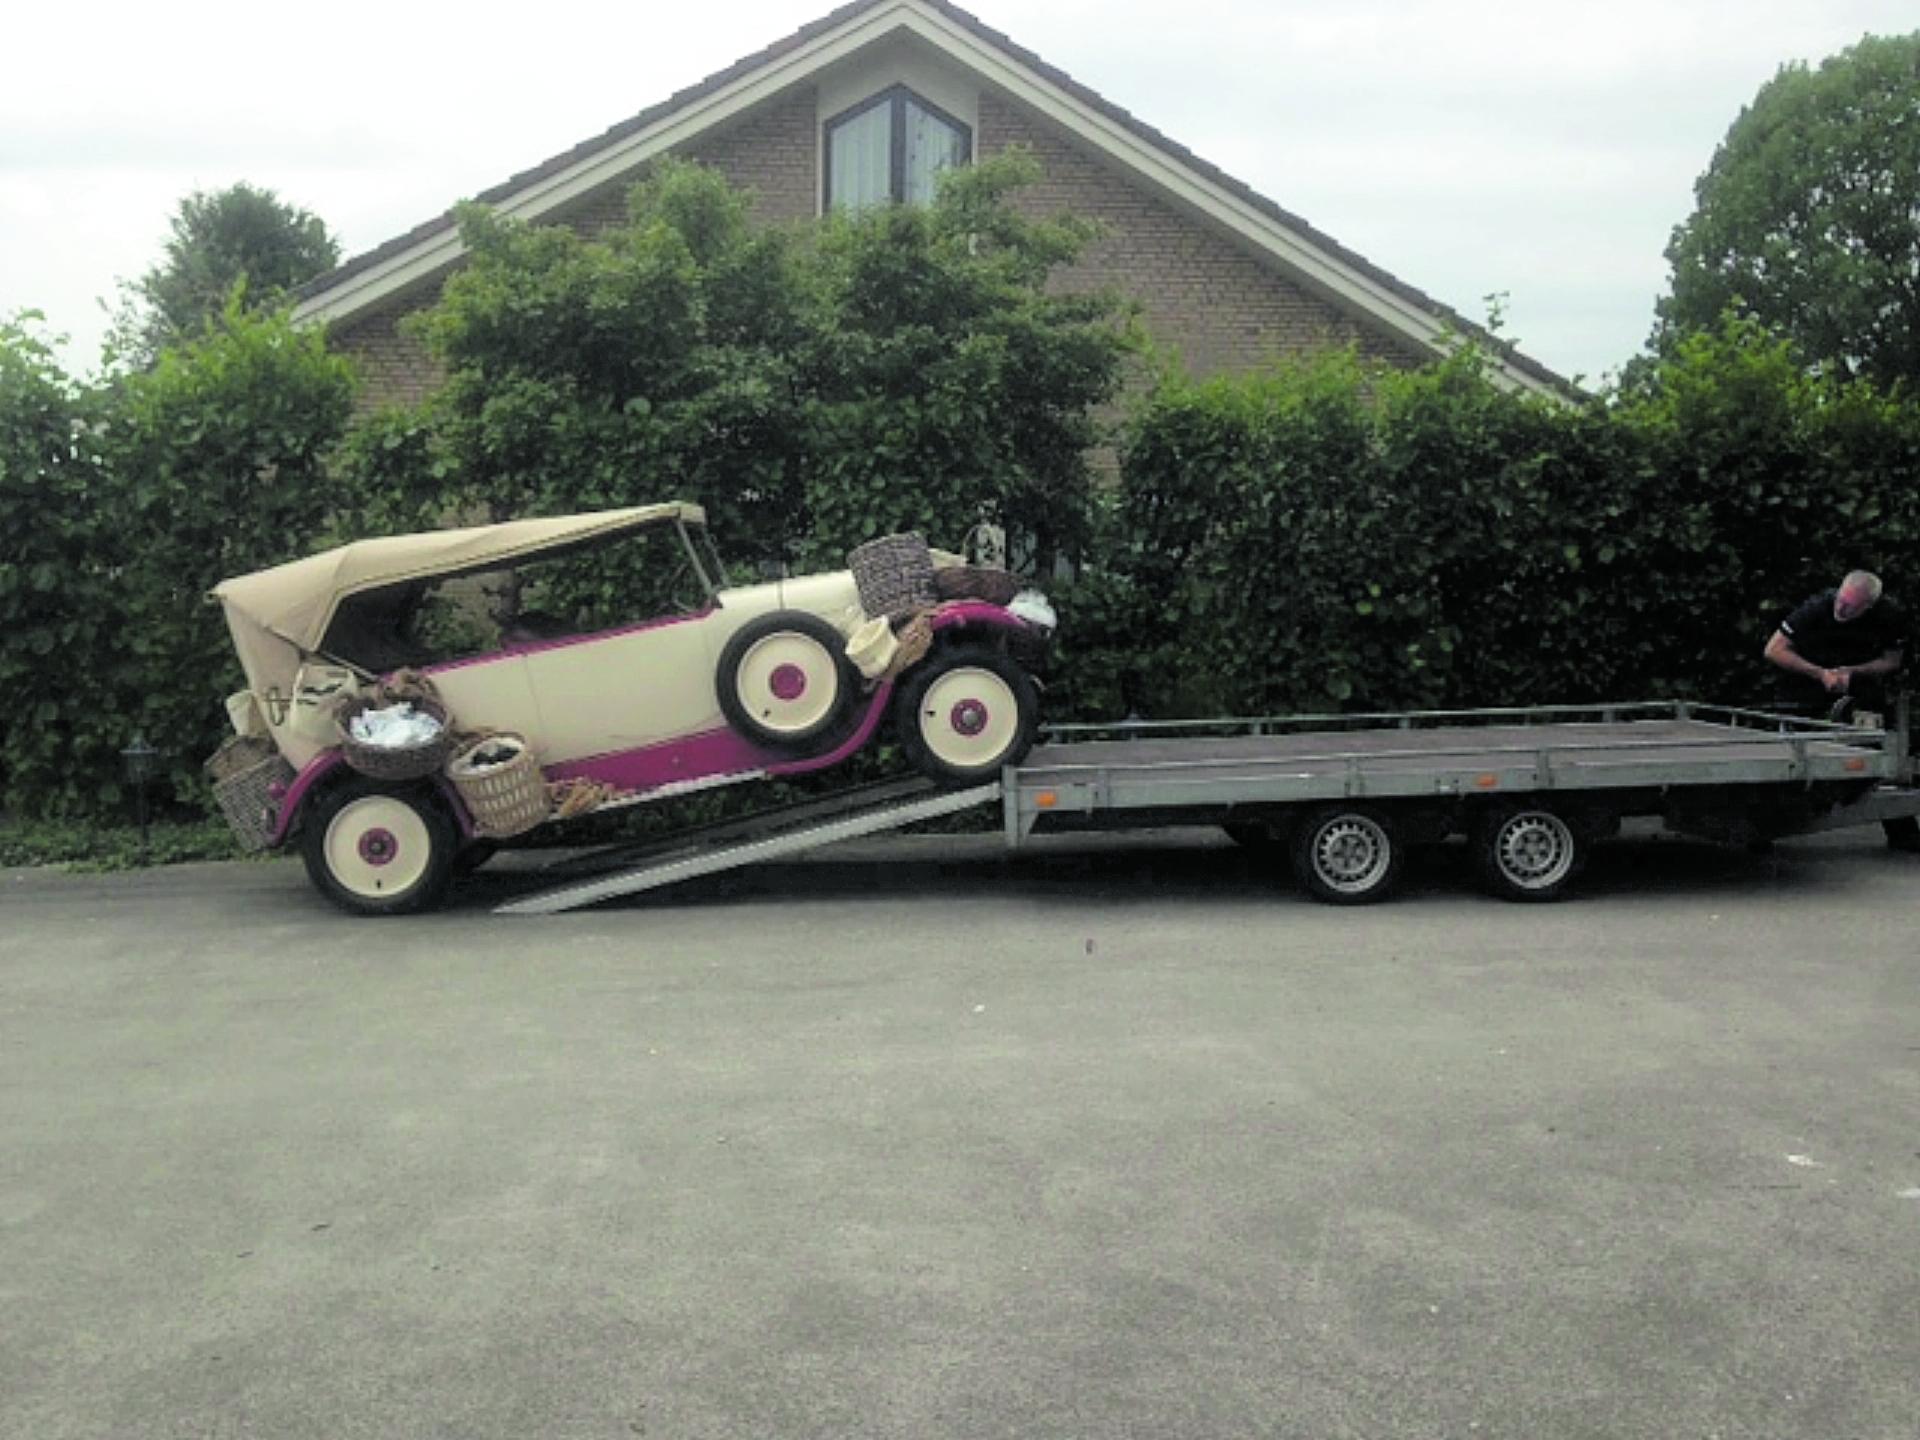 Contactsleutel Citroën Torpedo (1926) kwijt!